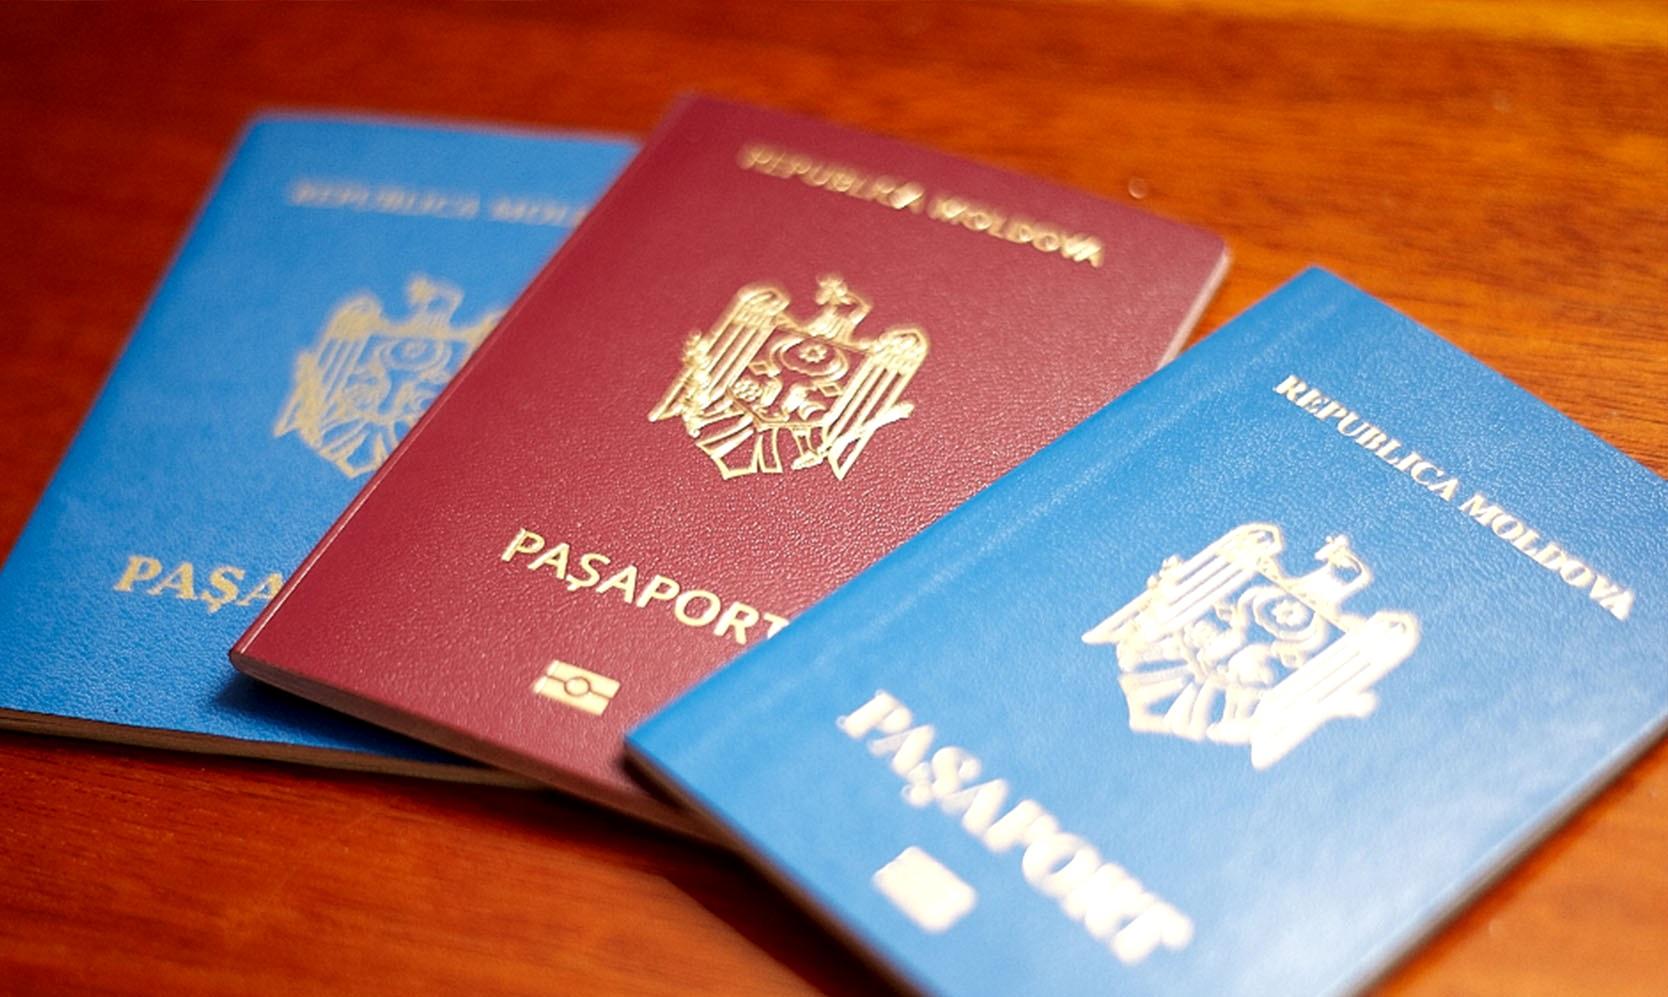 Молдавский биометрический паспорт является одним из самых «сильных» в мире (ФОТО)